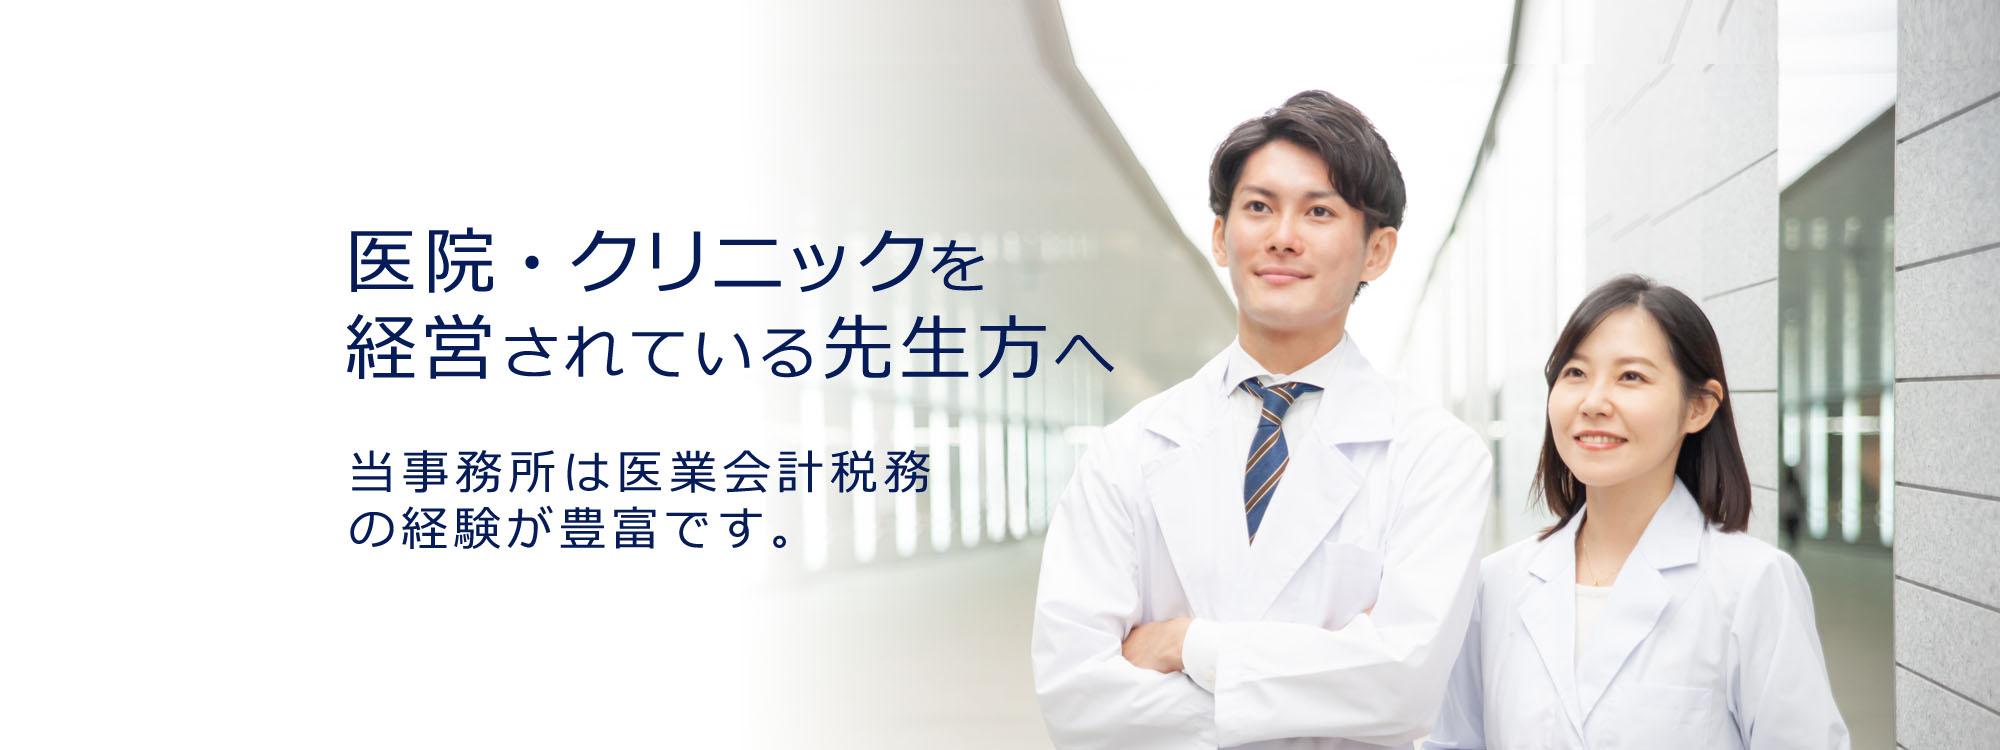 医院・クリニックの新規開業実績・経験が豊富です。